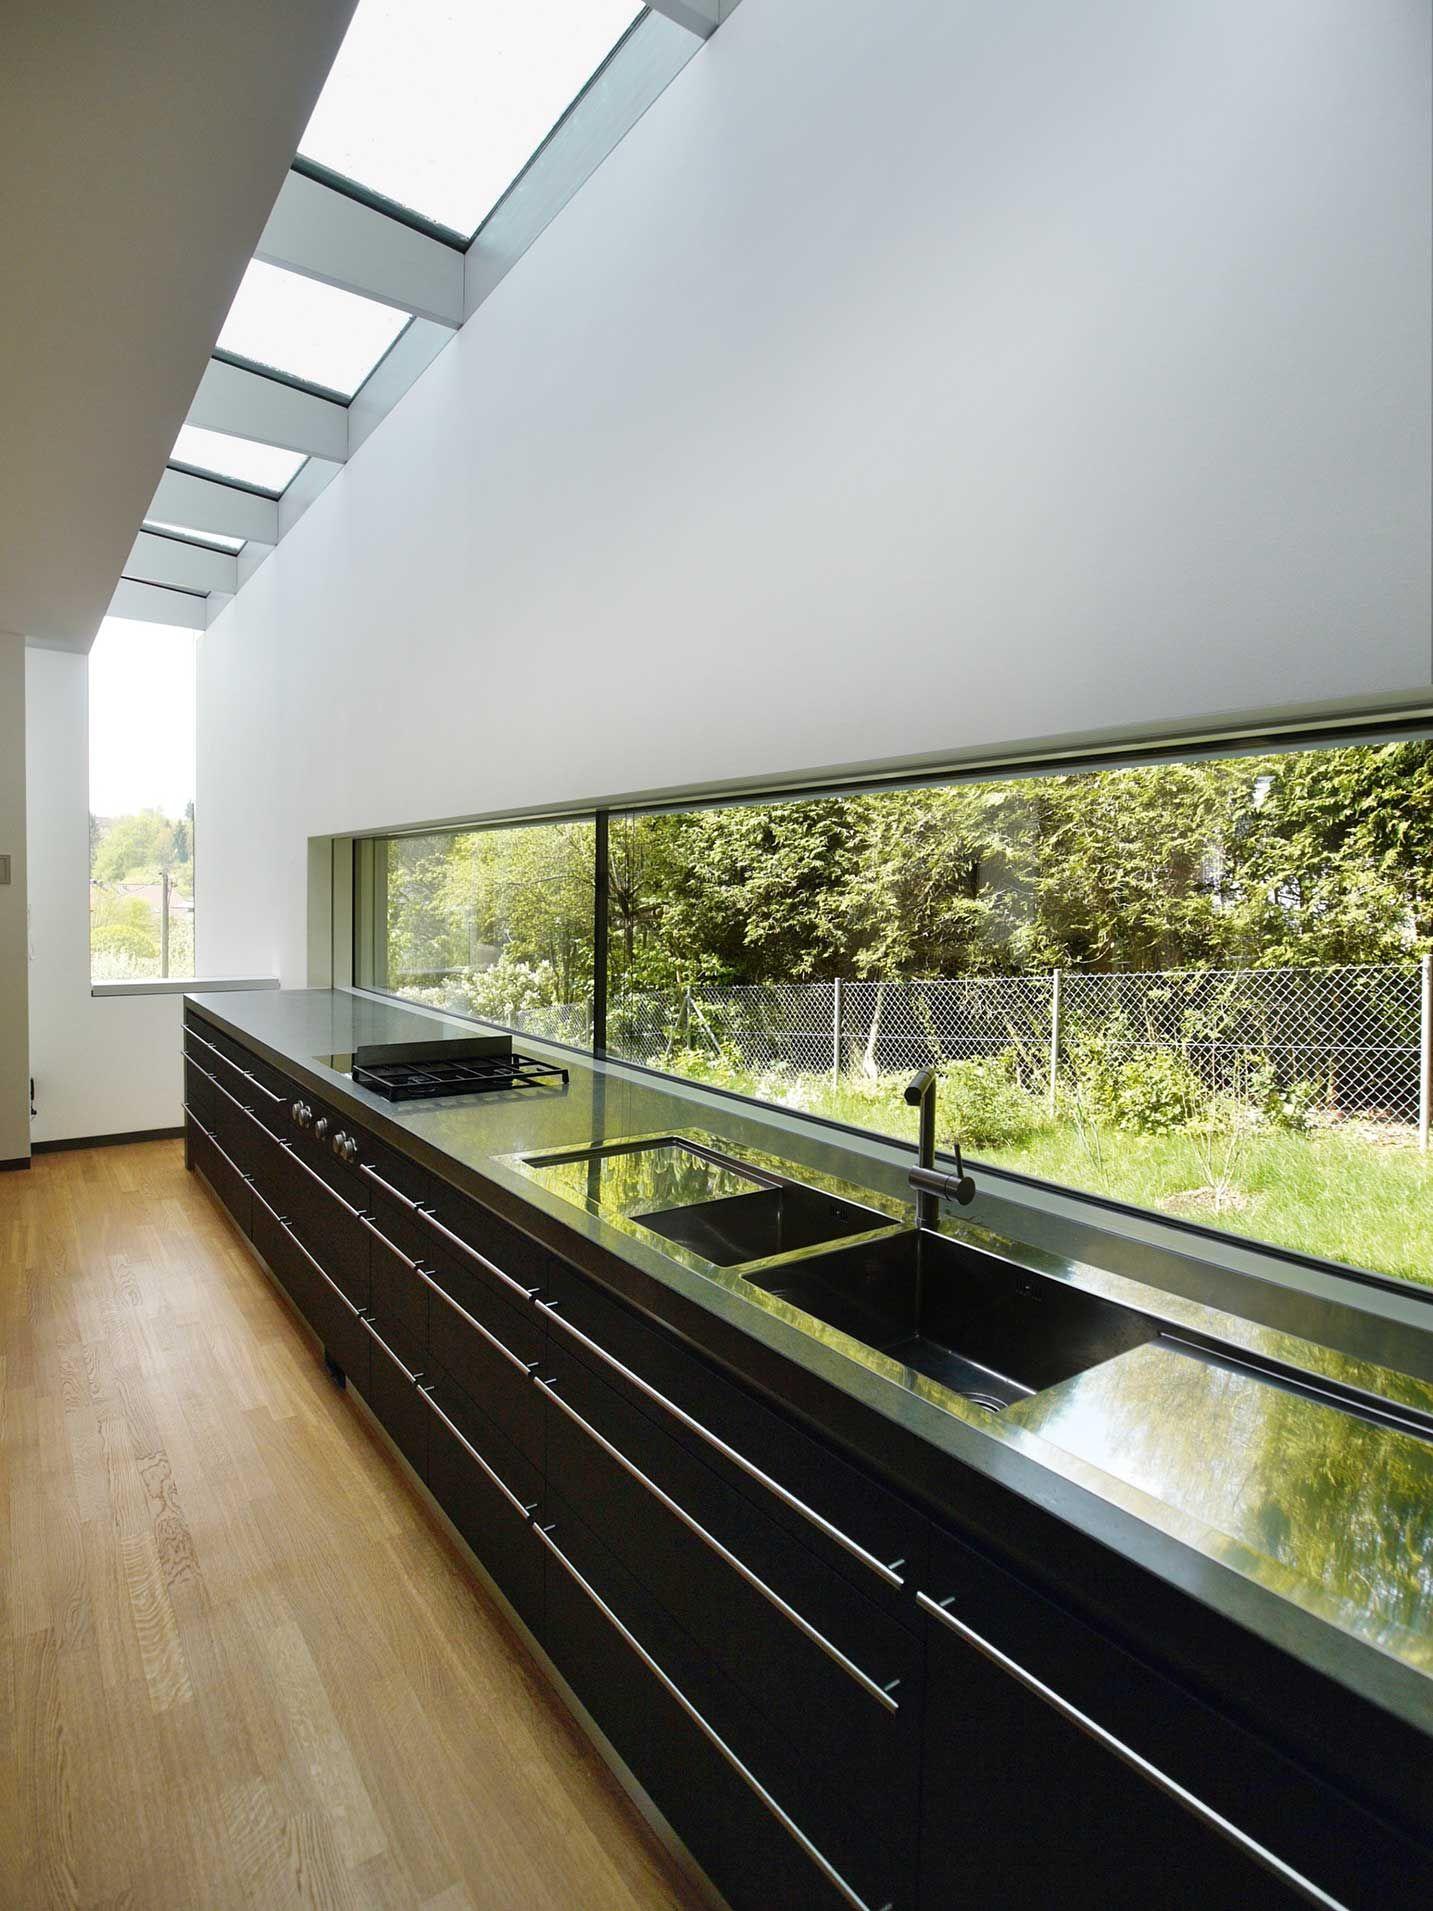 Kleiner grundriss am hang haus for Modernes einfamilienhaus grundriss